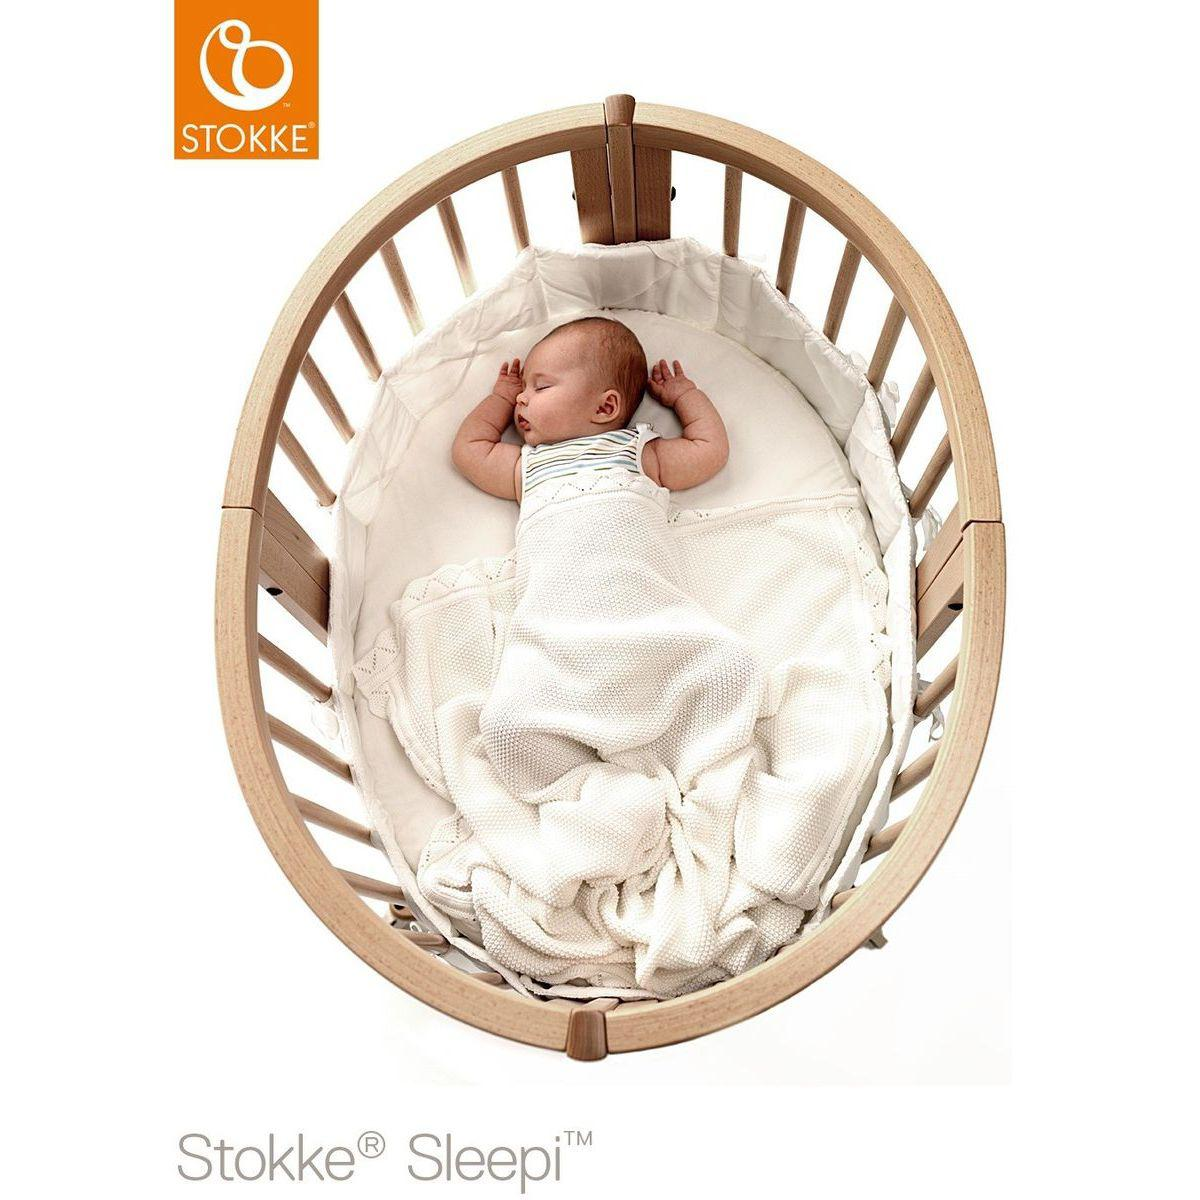 Minicuna evolutiva SLEEPI Stokke natural